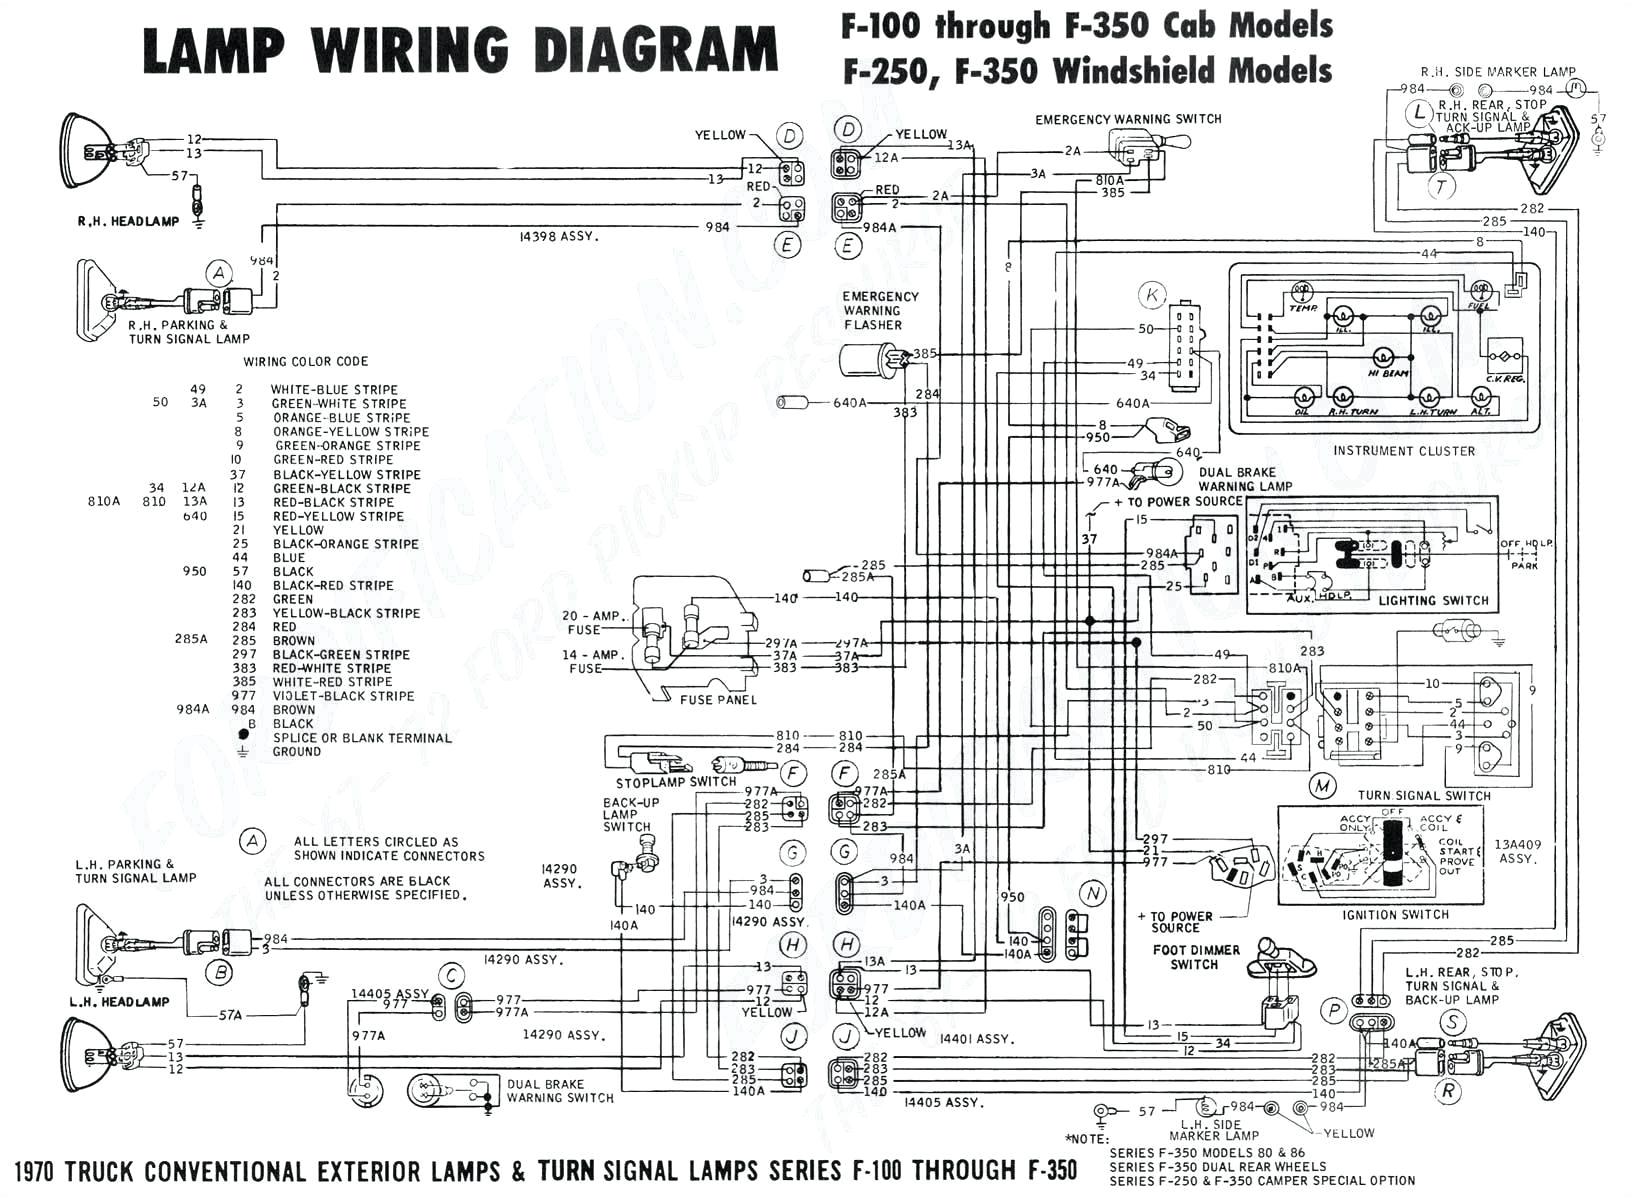 1991 Dodge Dakota Wiring Diagram 74 Dodge Wiring Diagram Diagram Base Website Wiring Diagram